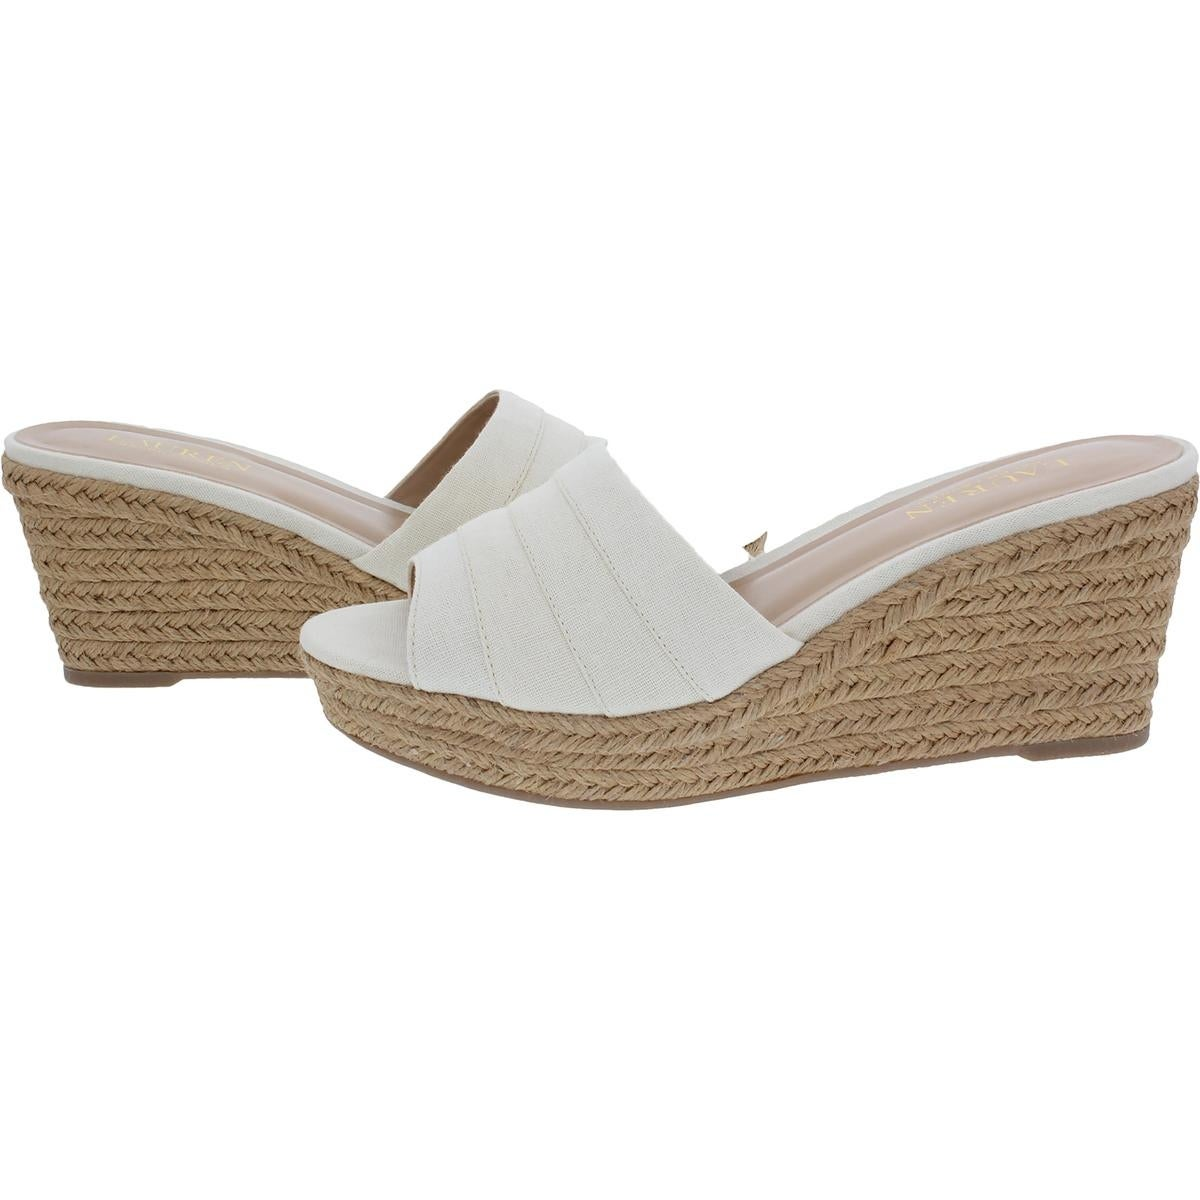 22908b56aa9 Shop Lauren Ralph Lauren Womens Karlia Wedge Sandals Espadrille - Free  Shipping On Orders Over  45 - Overstock - 21259920